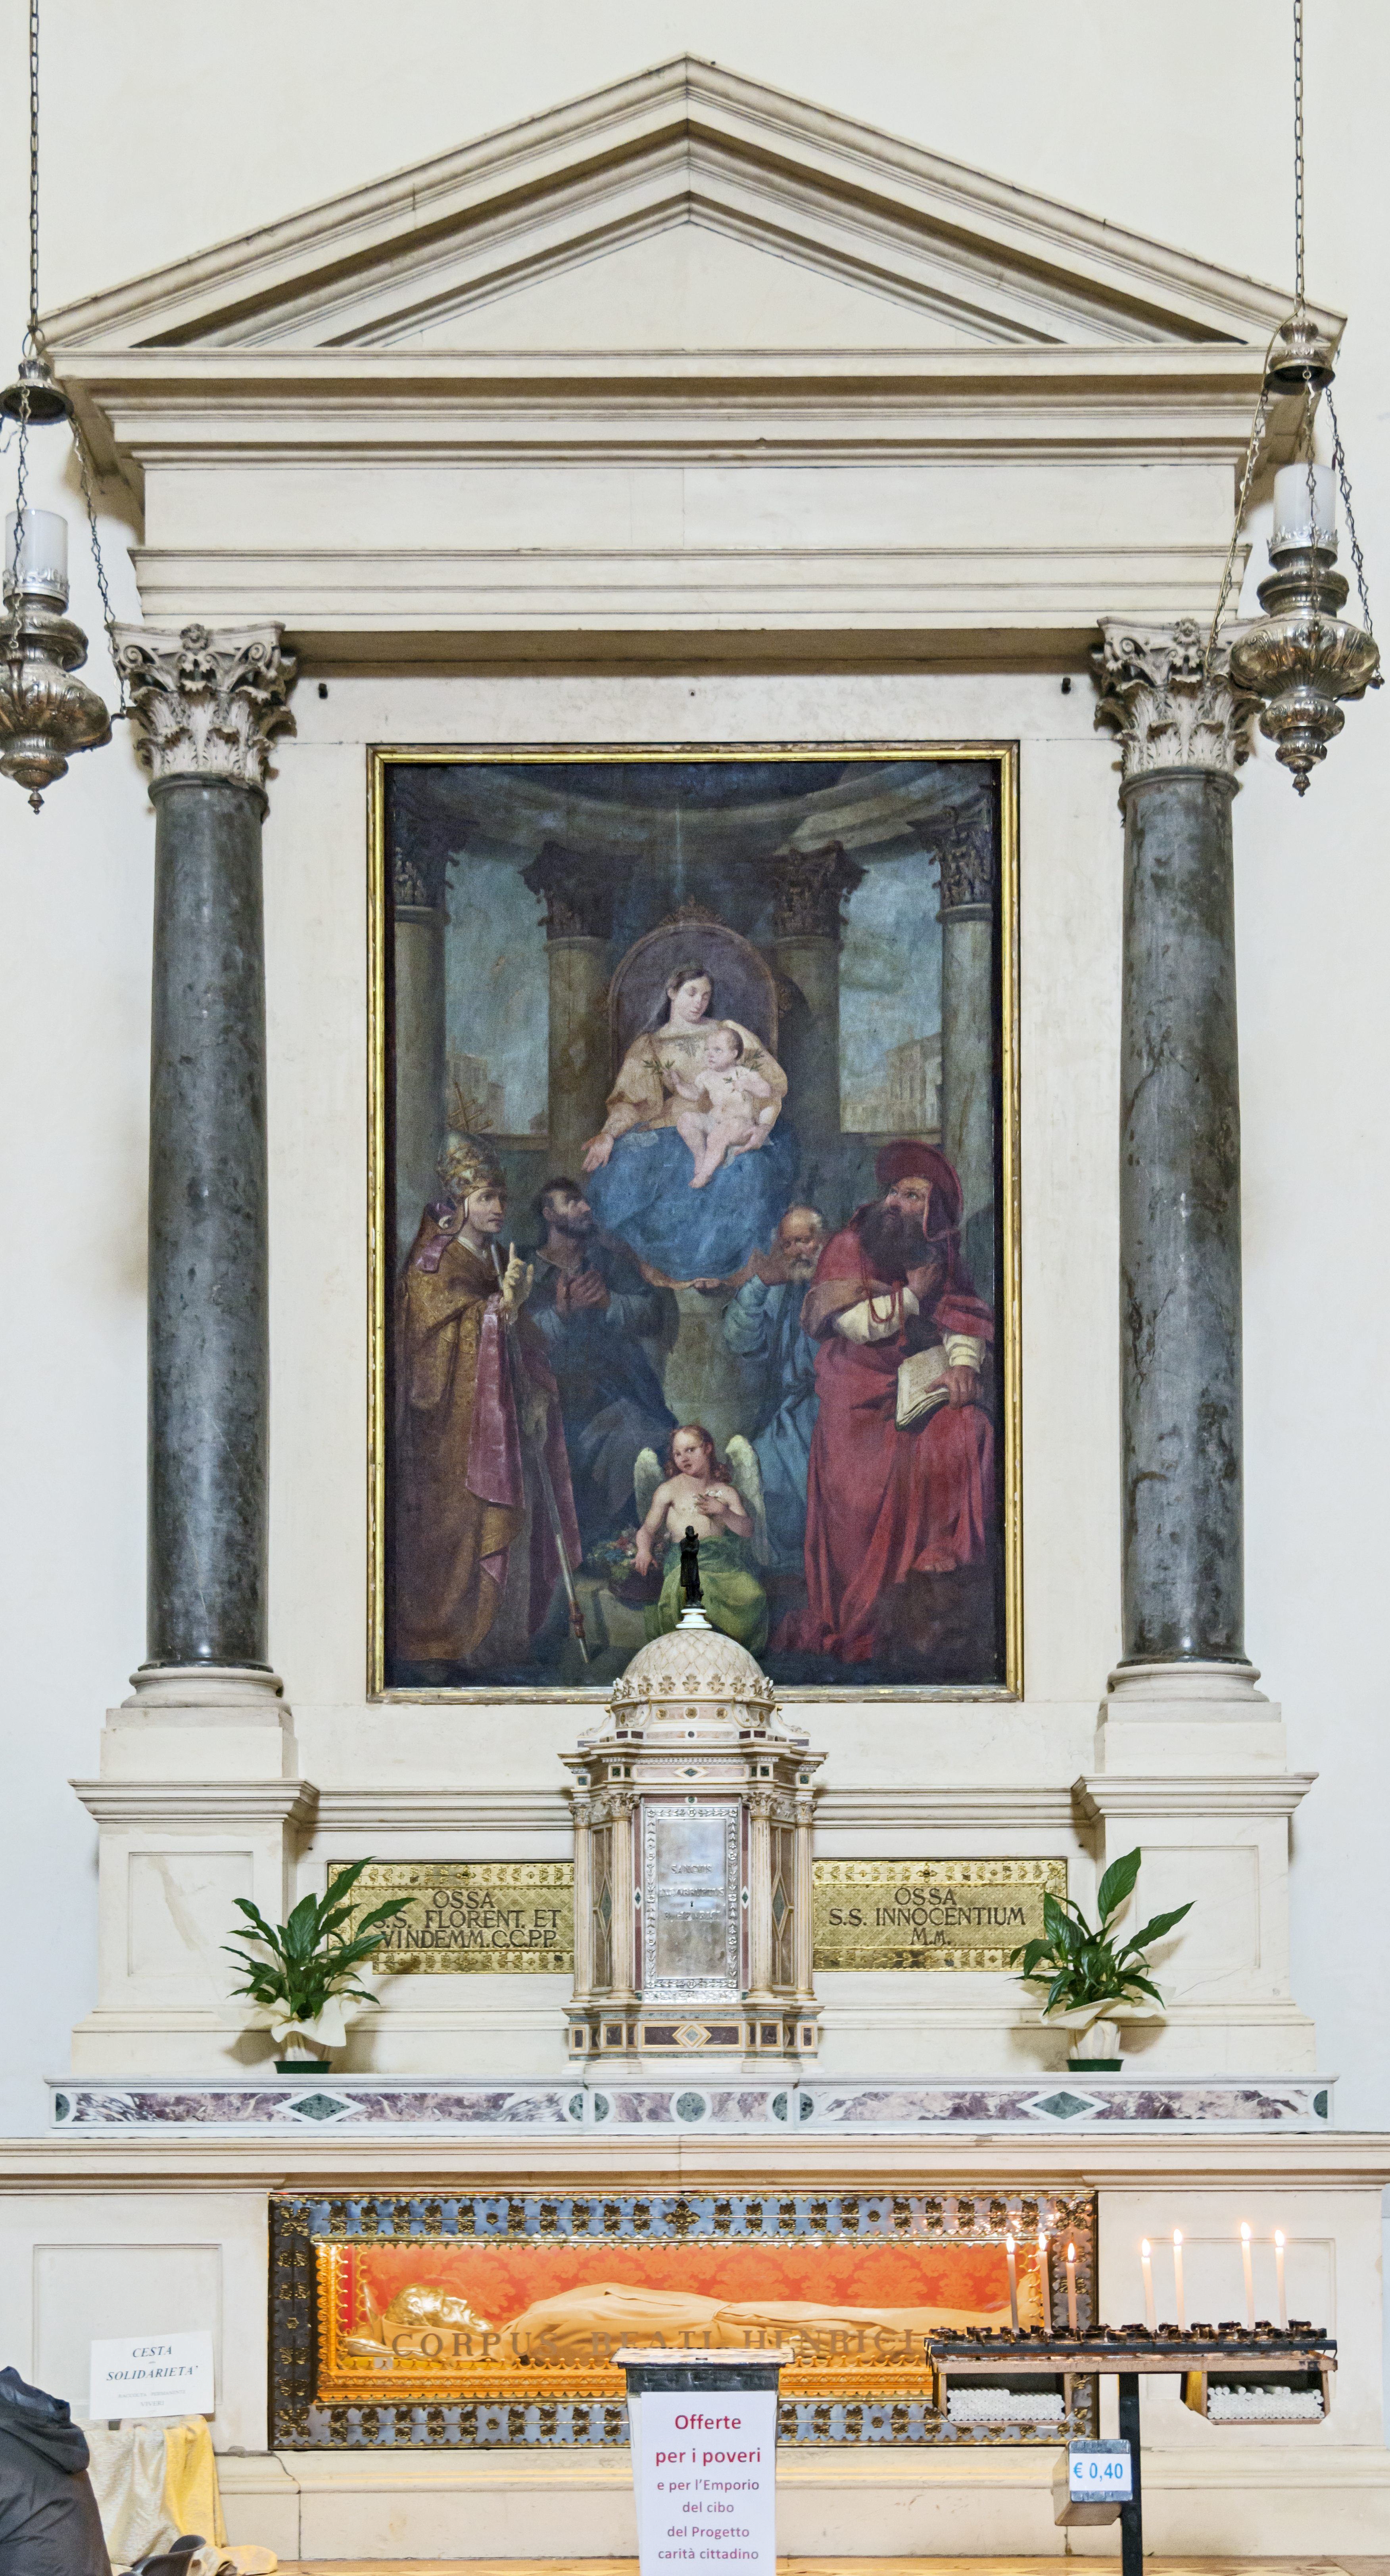 Altare del Beato Enrico da Bolzano